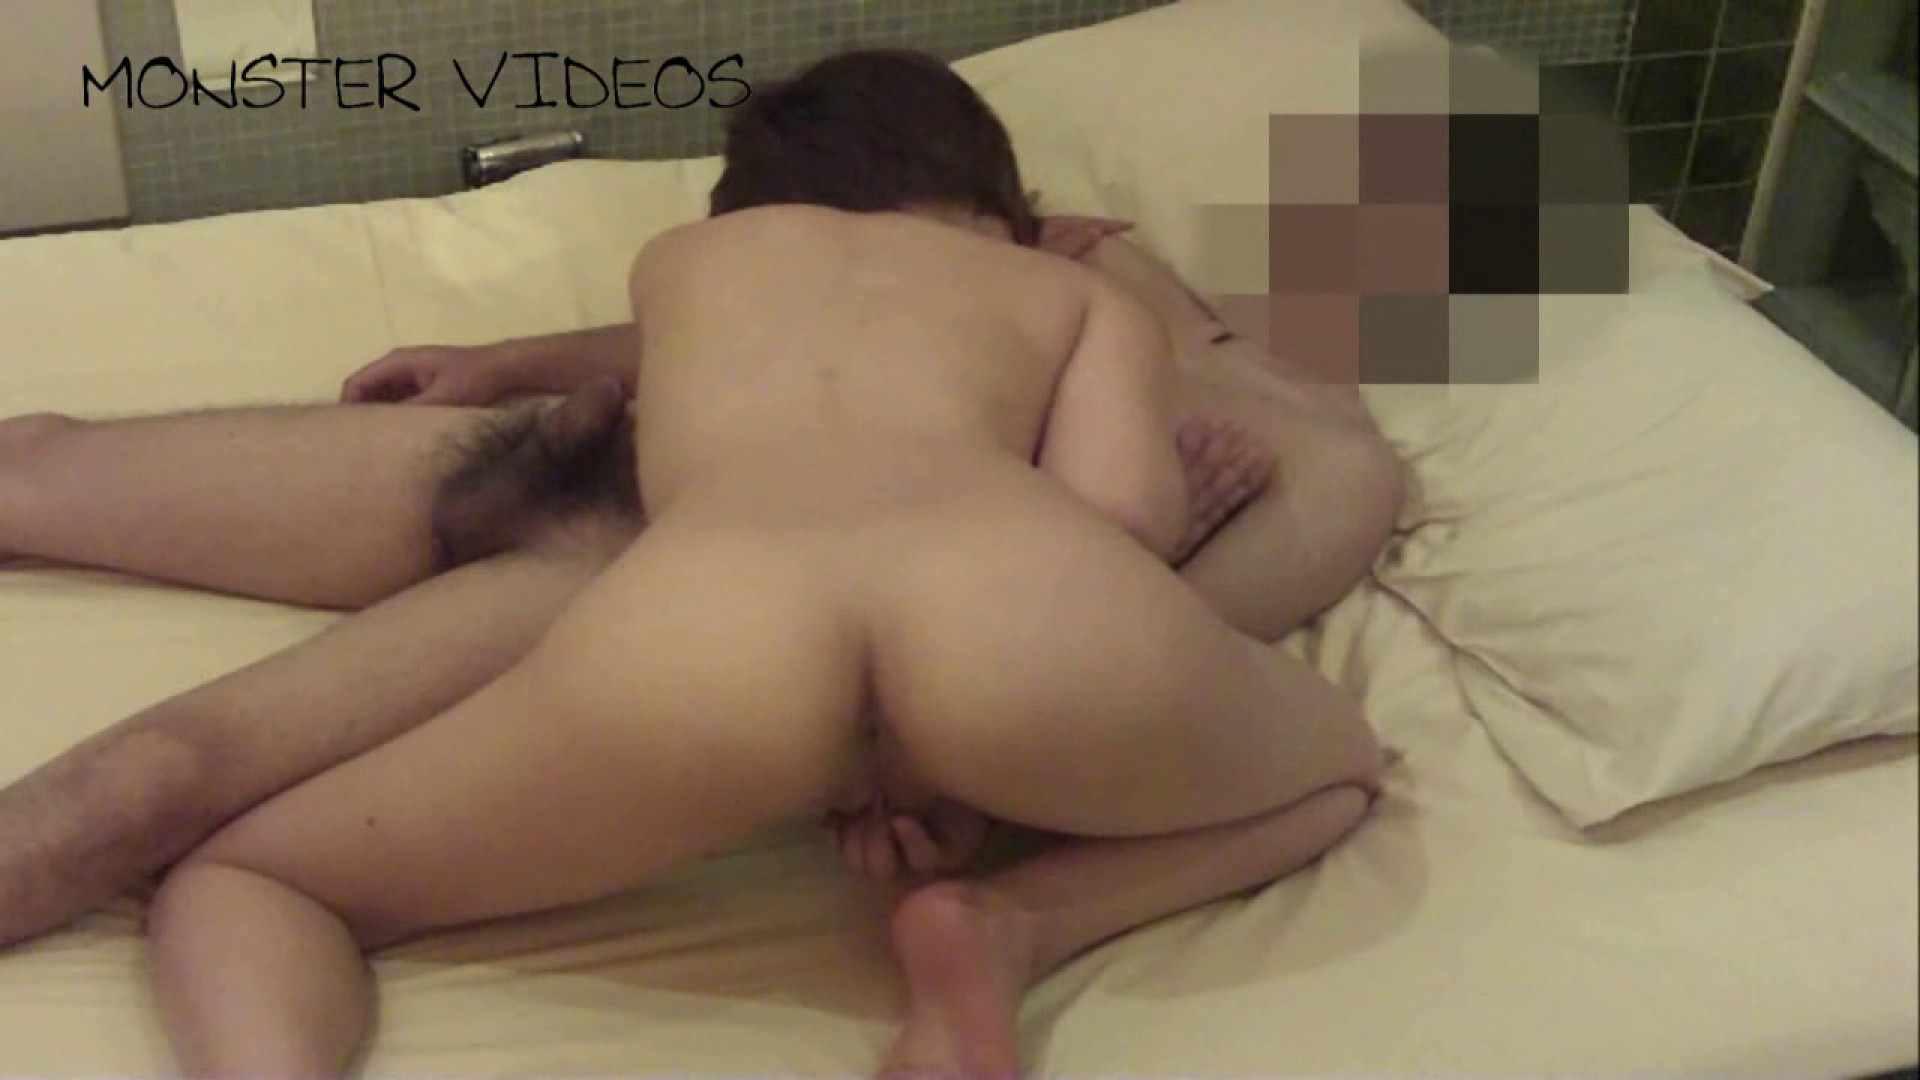 Hana嬢Private sexシリーズvol.1-2フェラ/挿入編 SEX アダルト動画キャプチャ 92pic 13